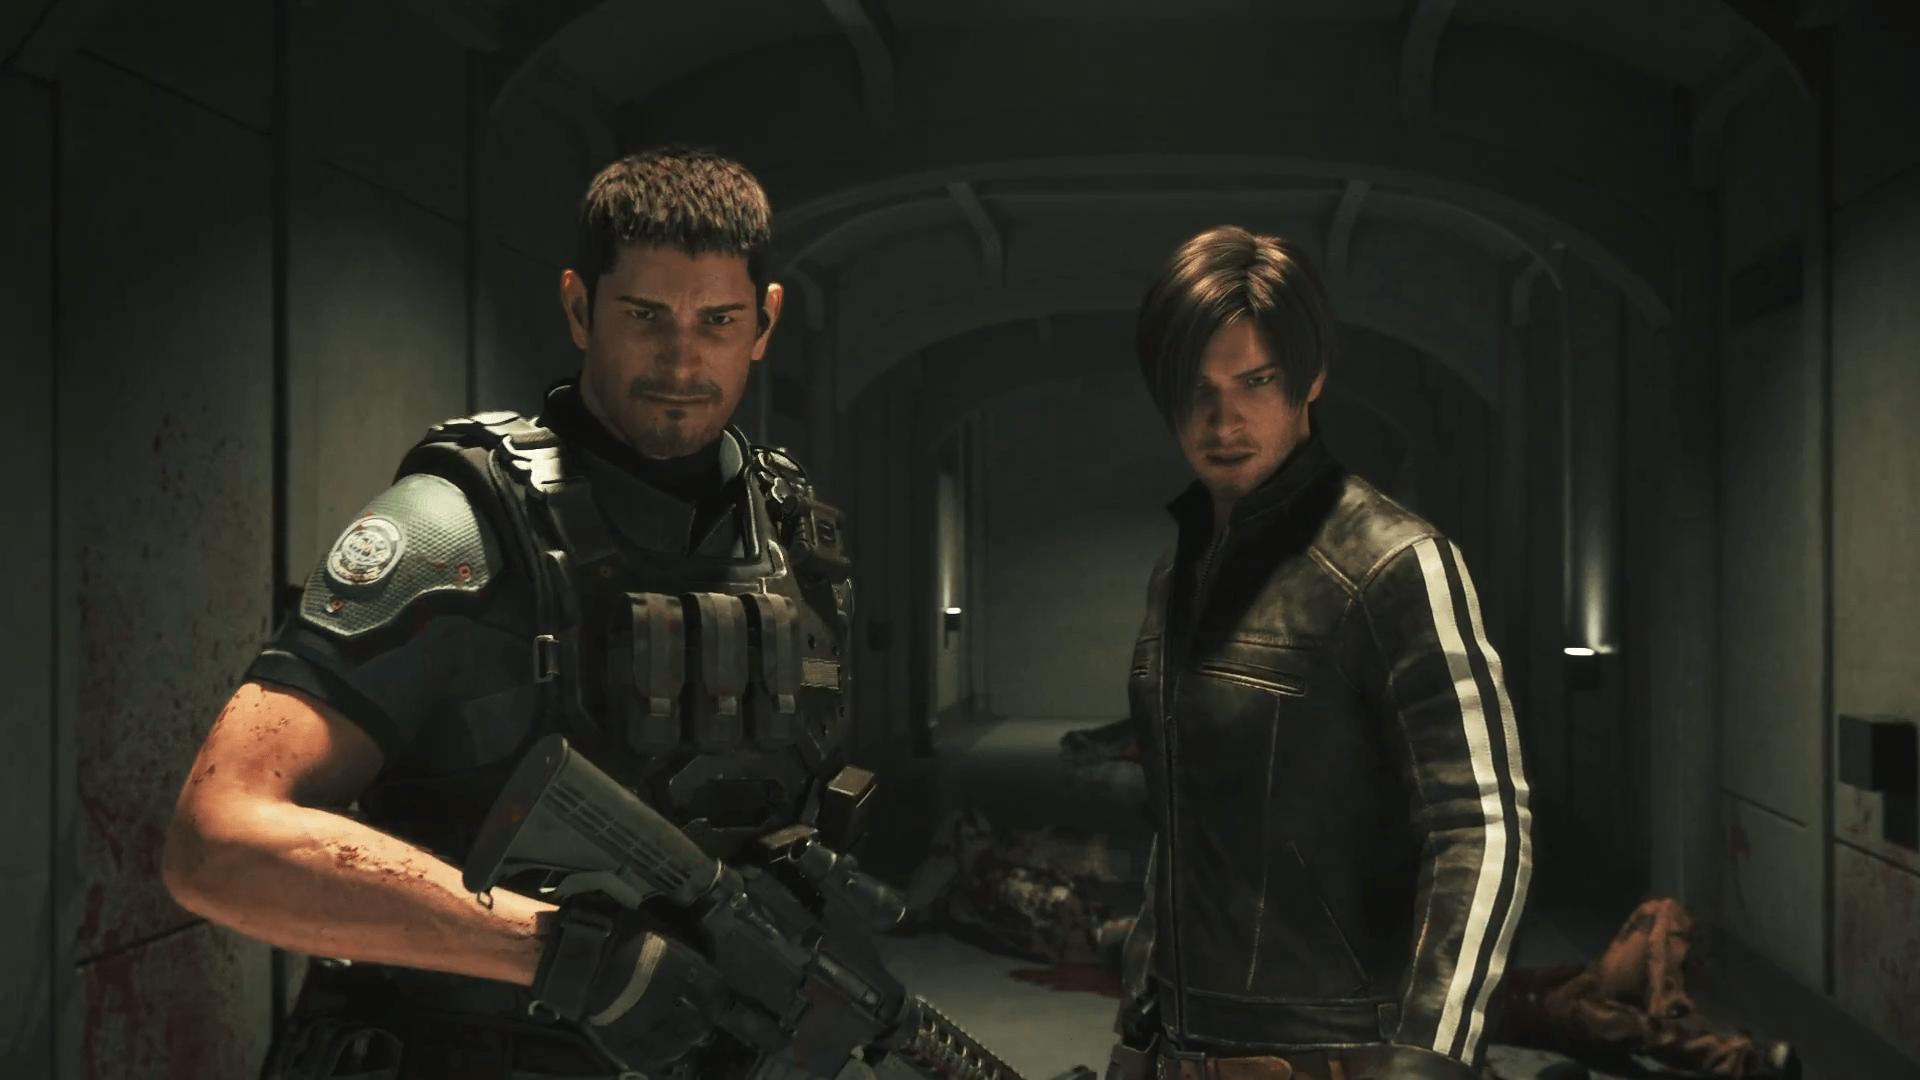 Leon Scott Kennedy Resident Evil Leon Resident Evil 5 Resident Evil